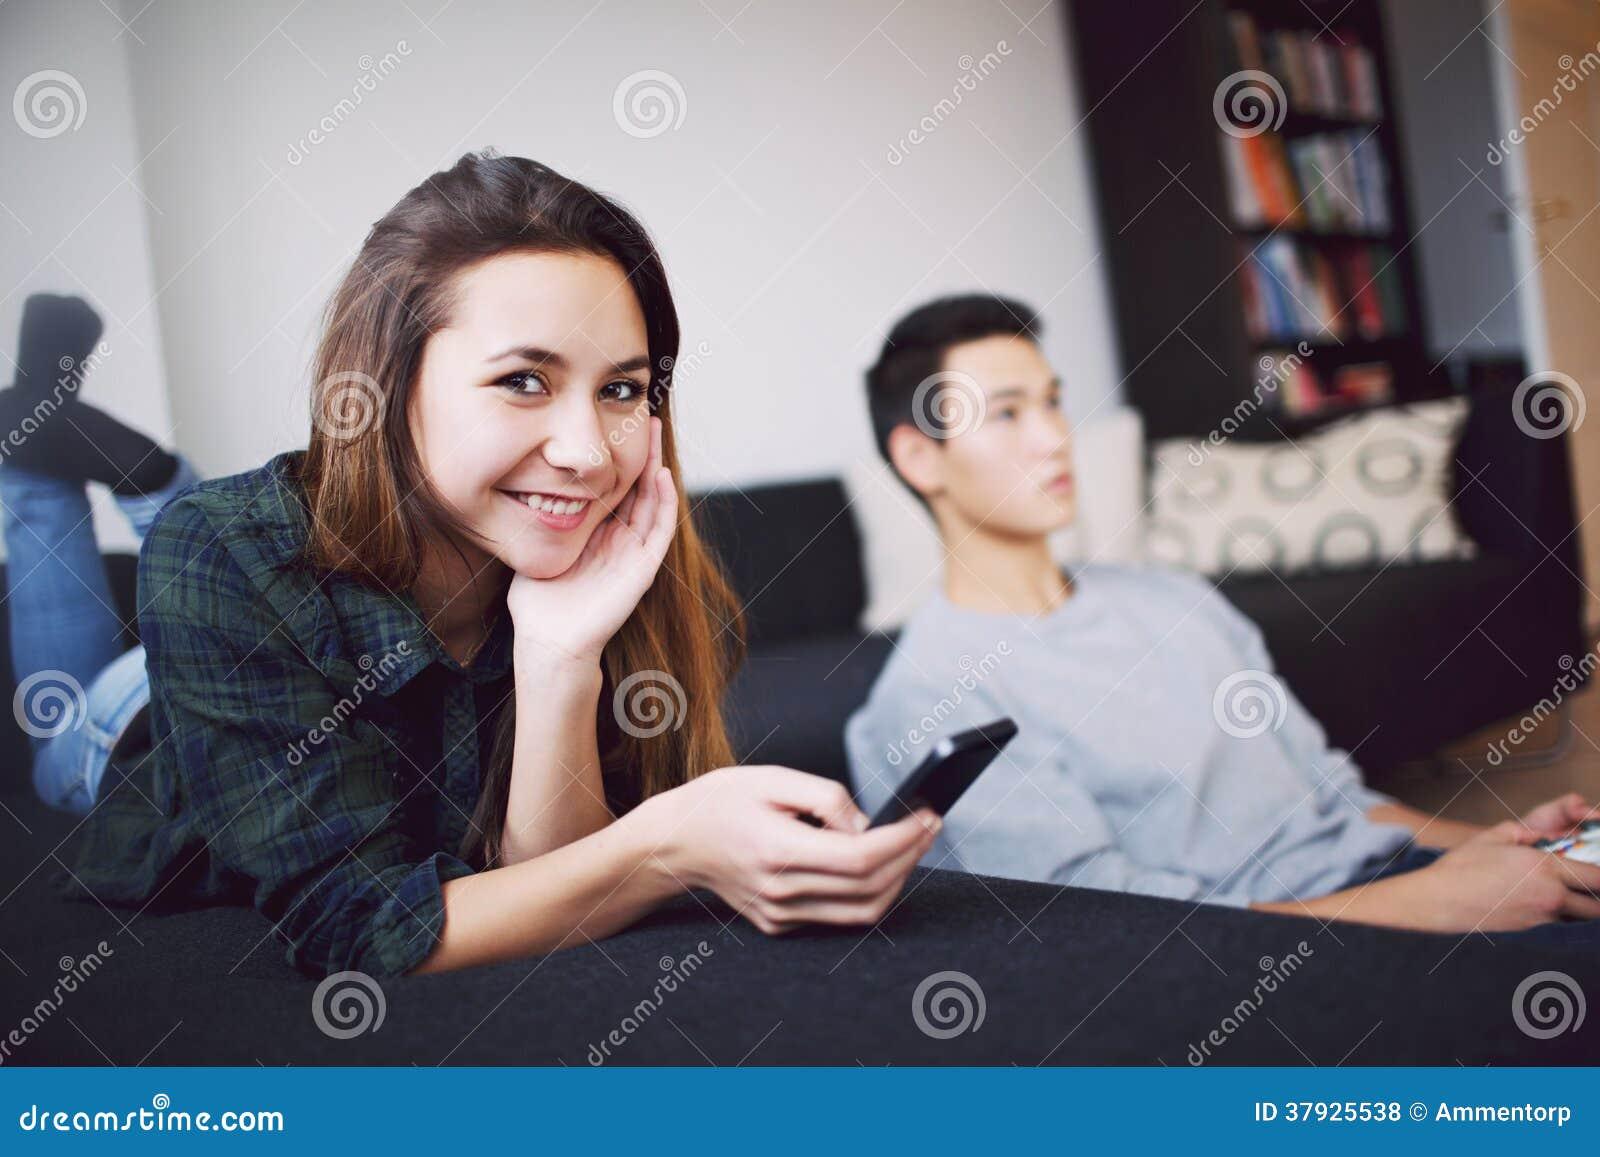 Привлекательная женщина с молодым человеком в предпосылке